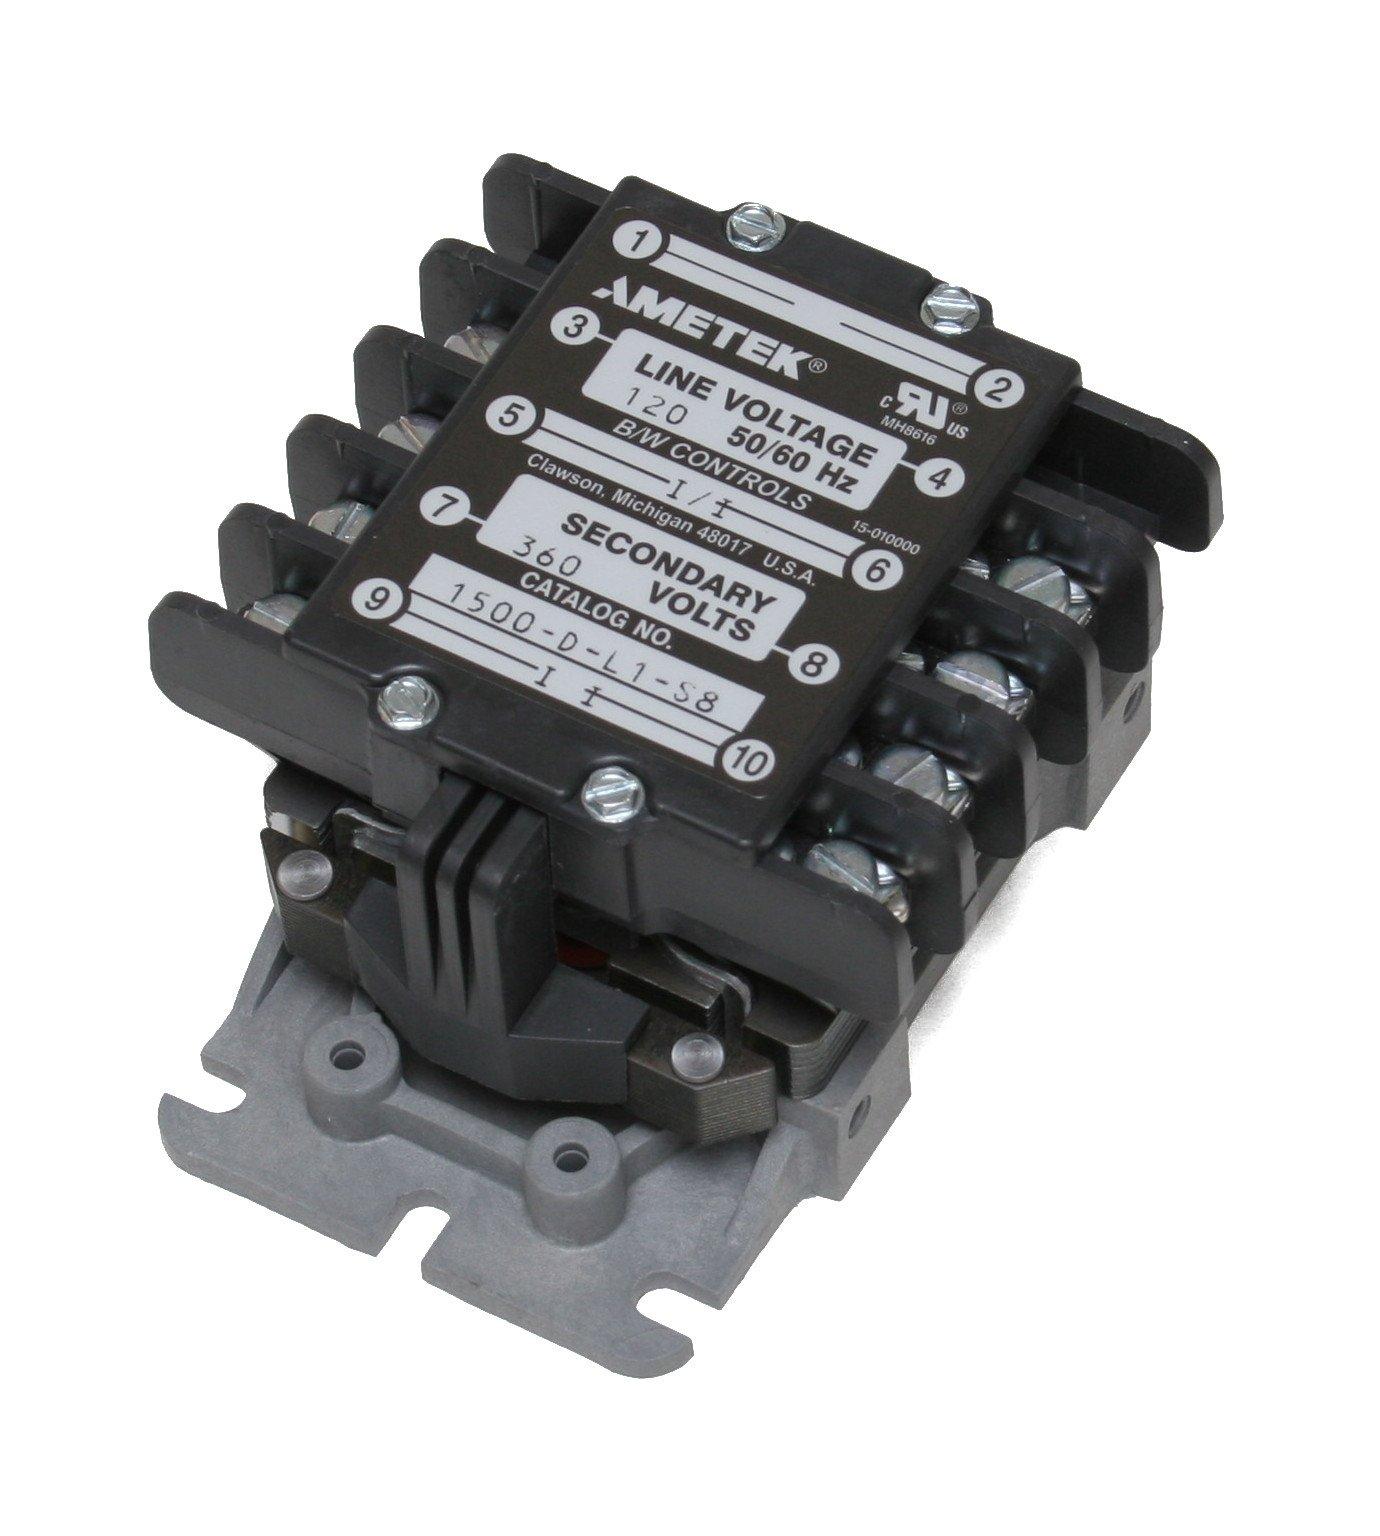 B/W Controls 1500-D-L1-S8 Liquid Level Control Relay